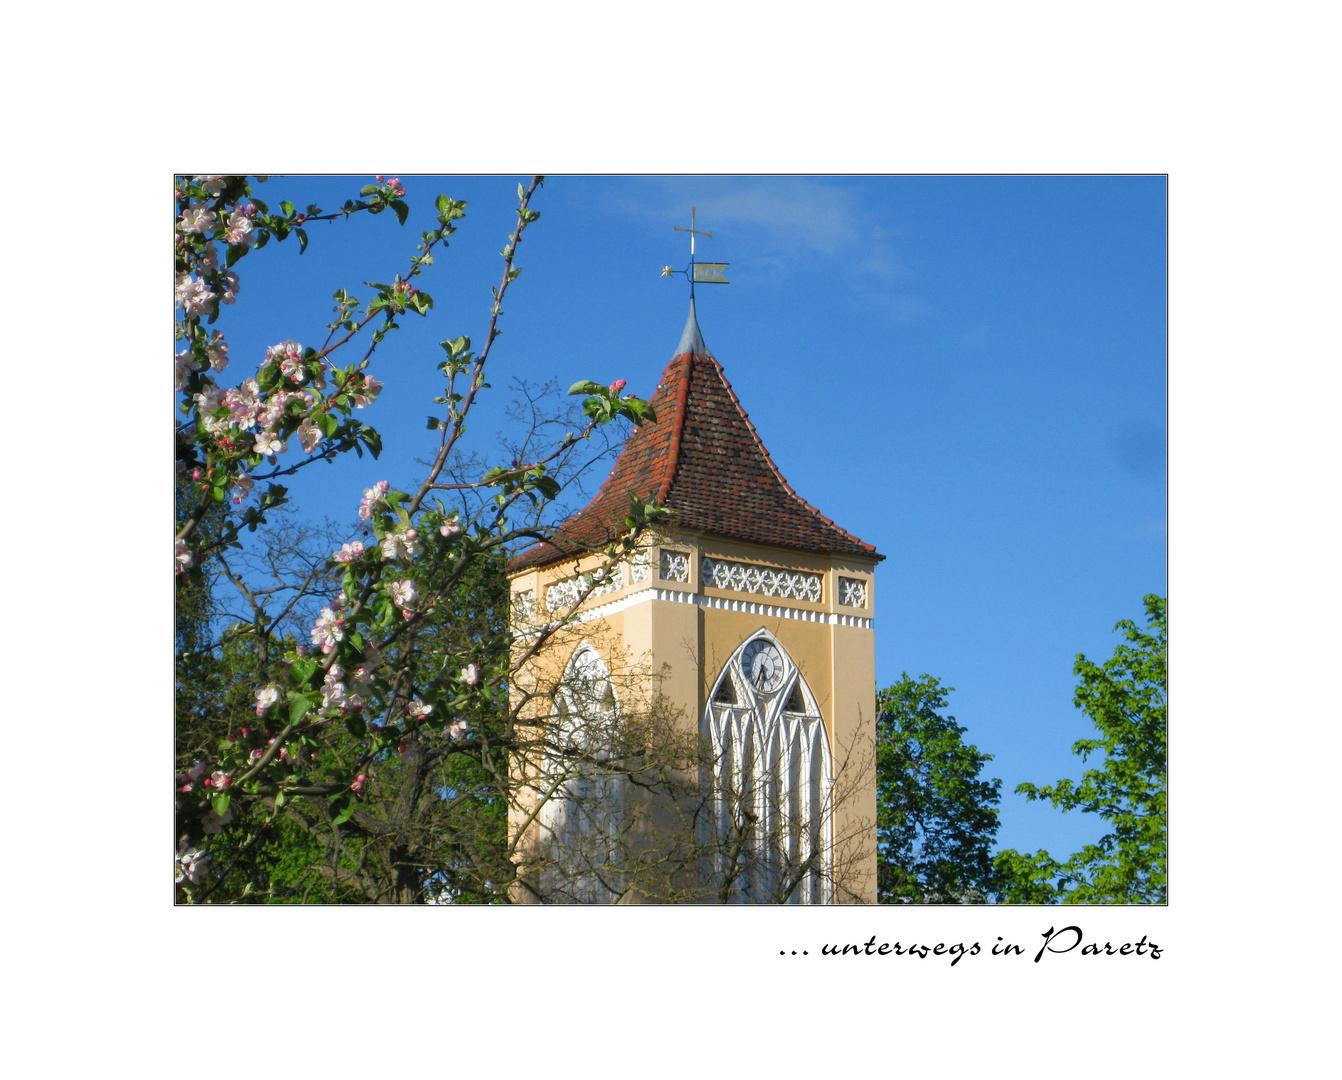 Dorfkirche Paretz II